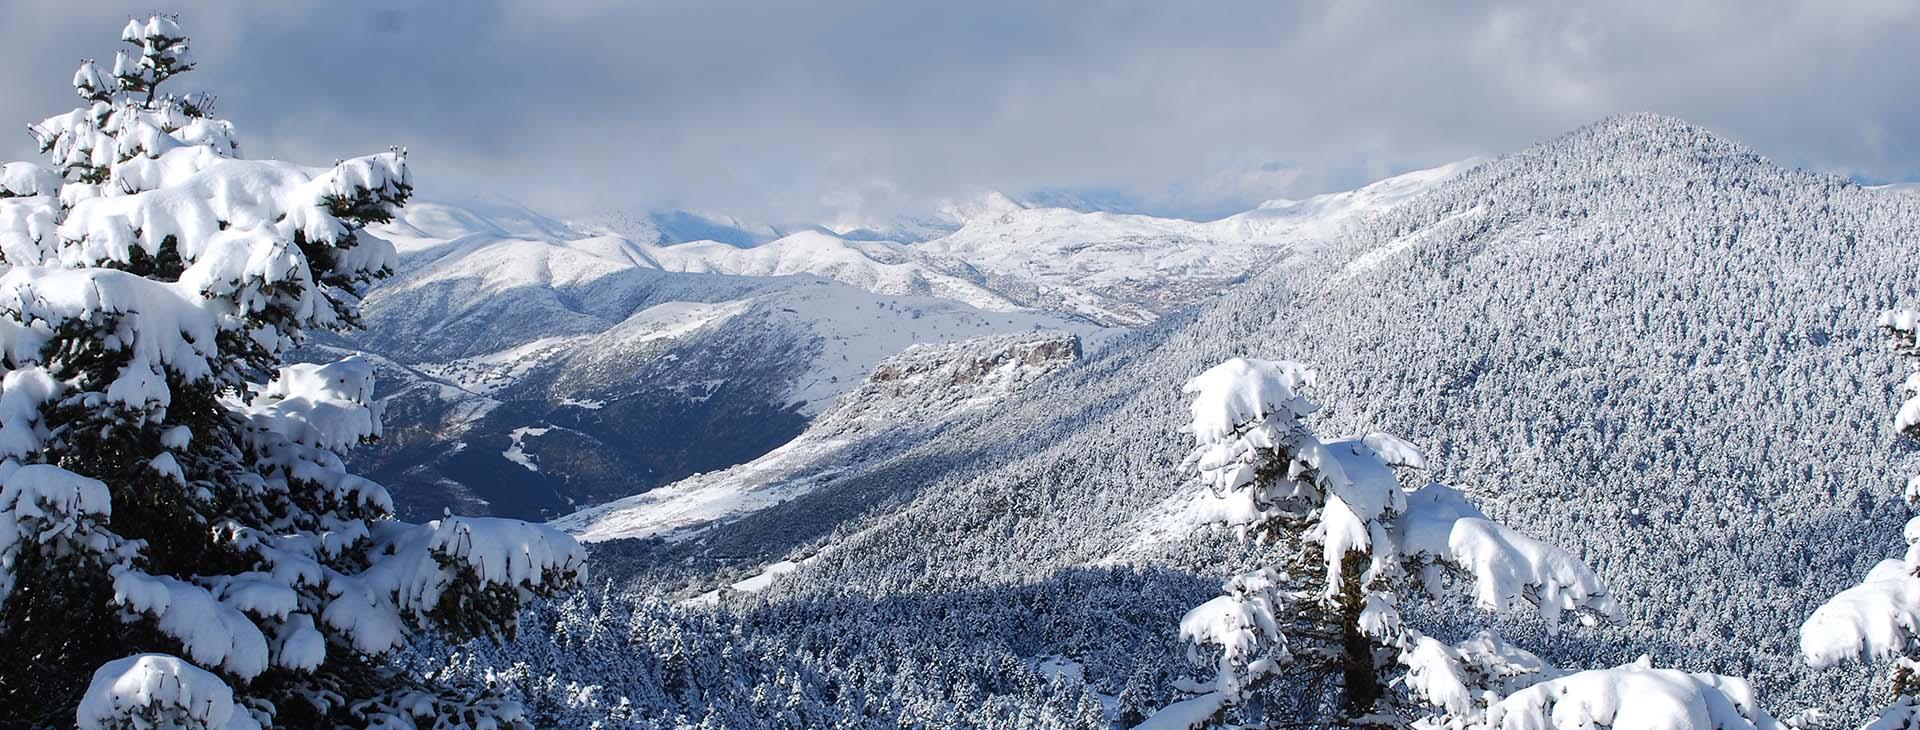 Parnassos mountain, Voiotia